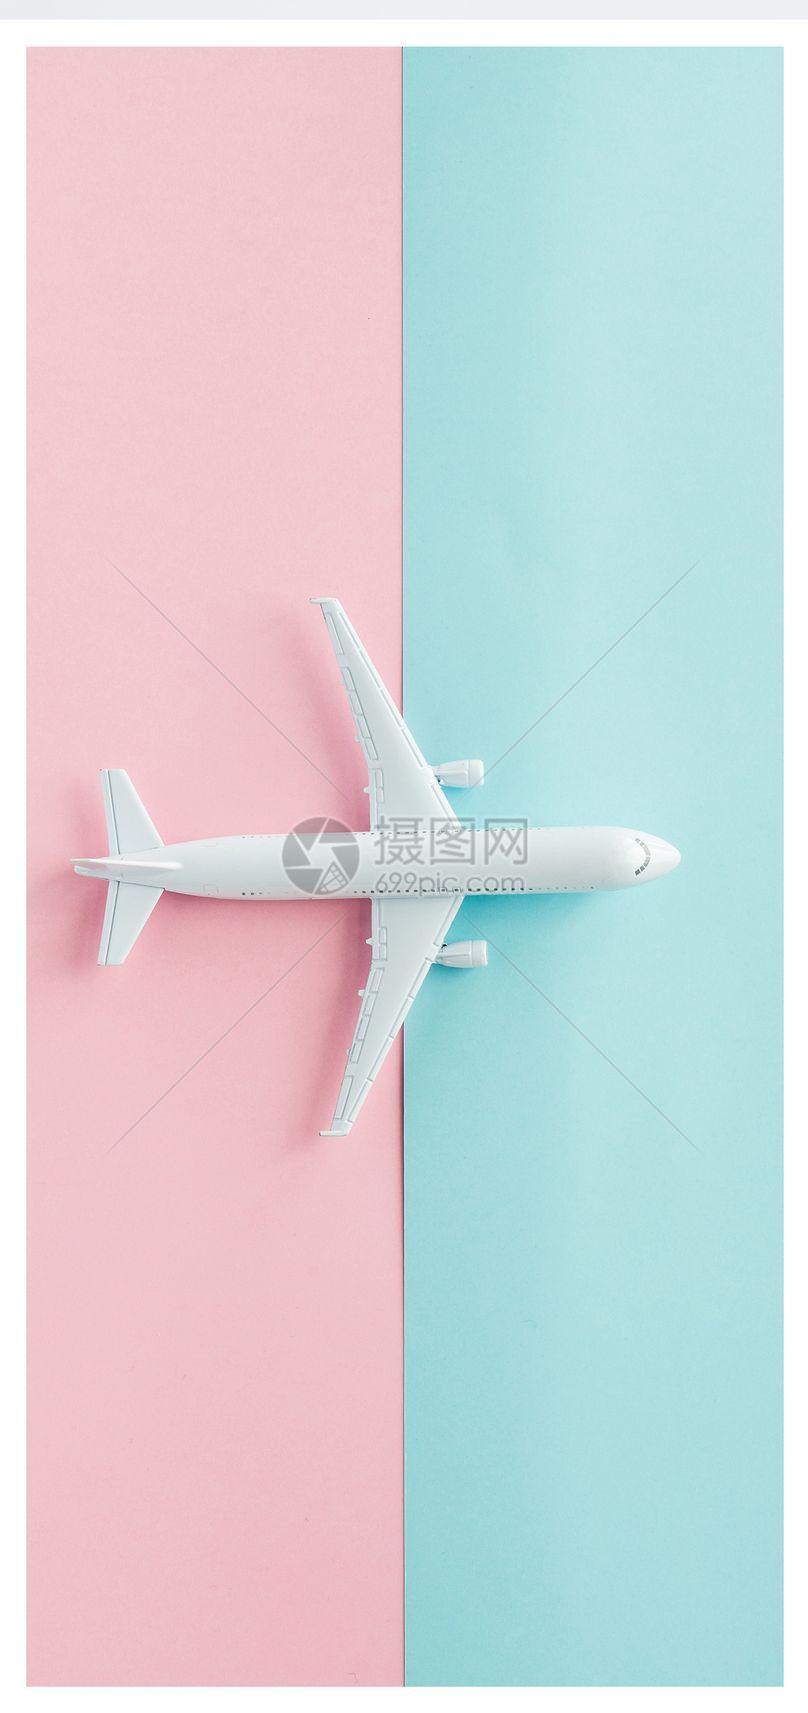 飞机模型手机壁纸图片